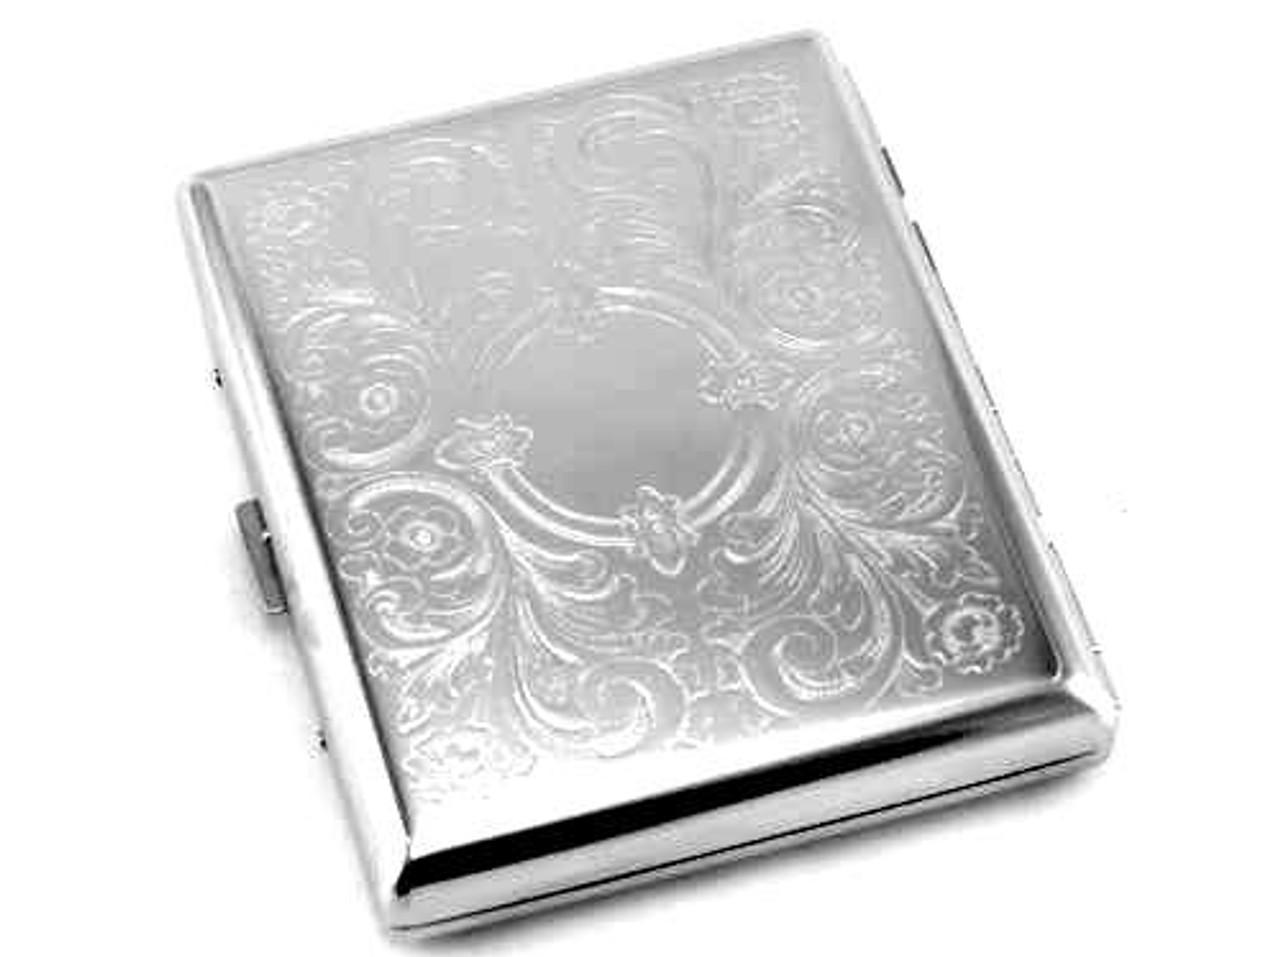 Floral Style Cigarette Case